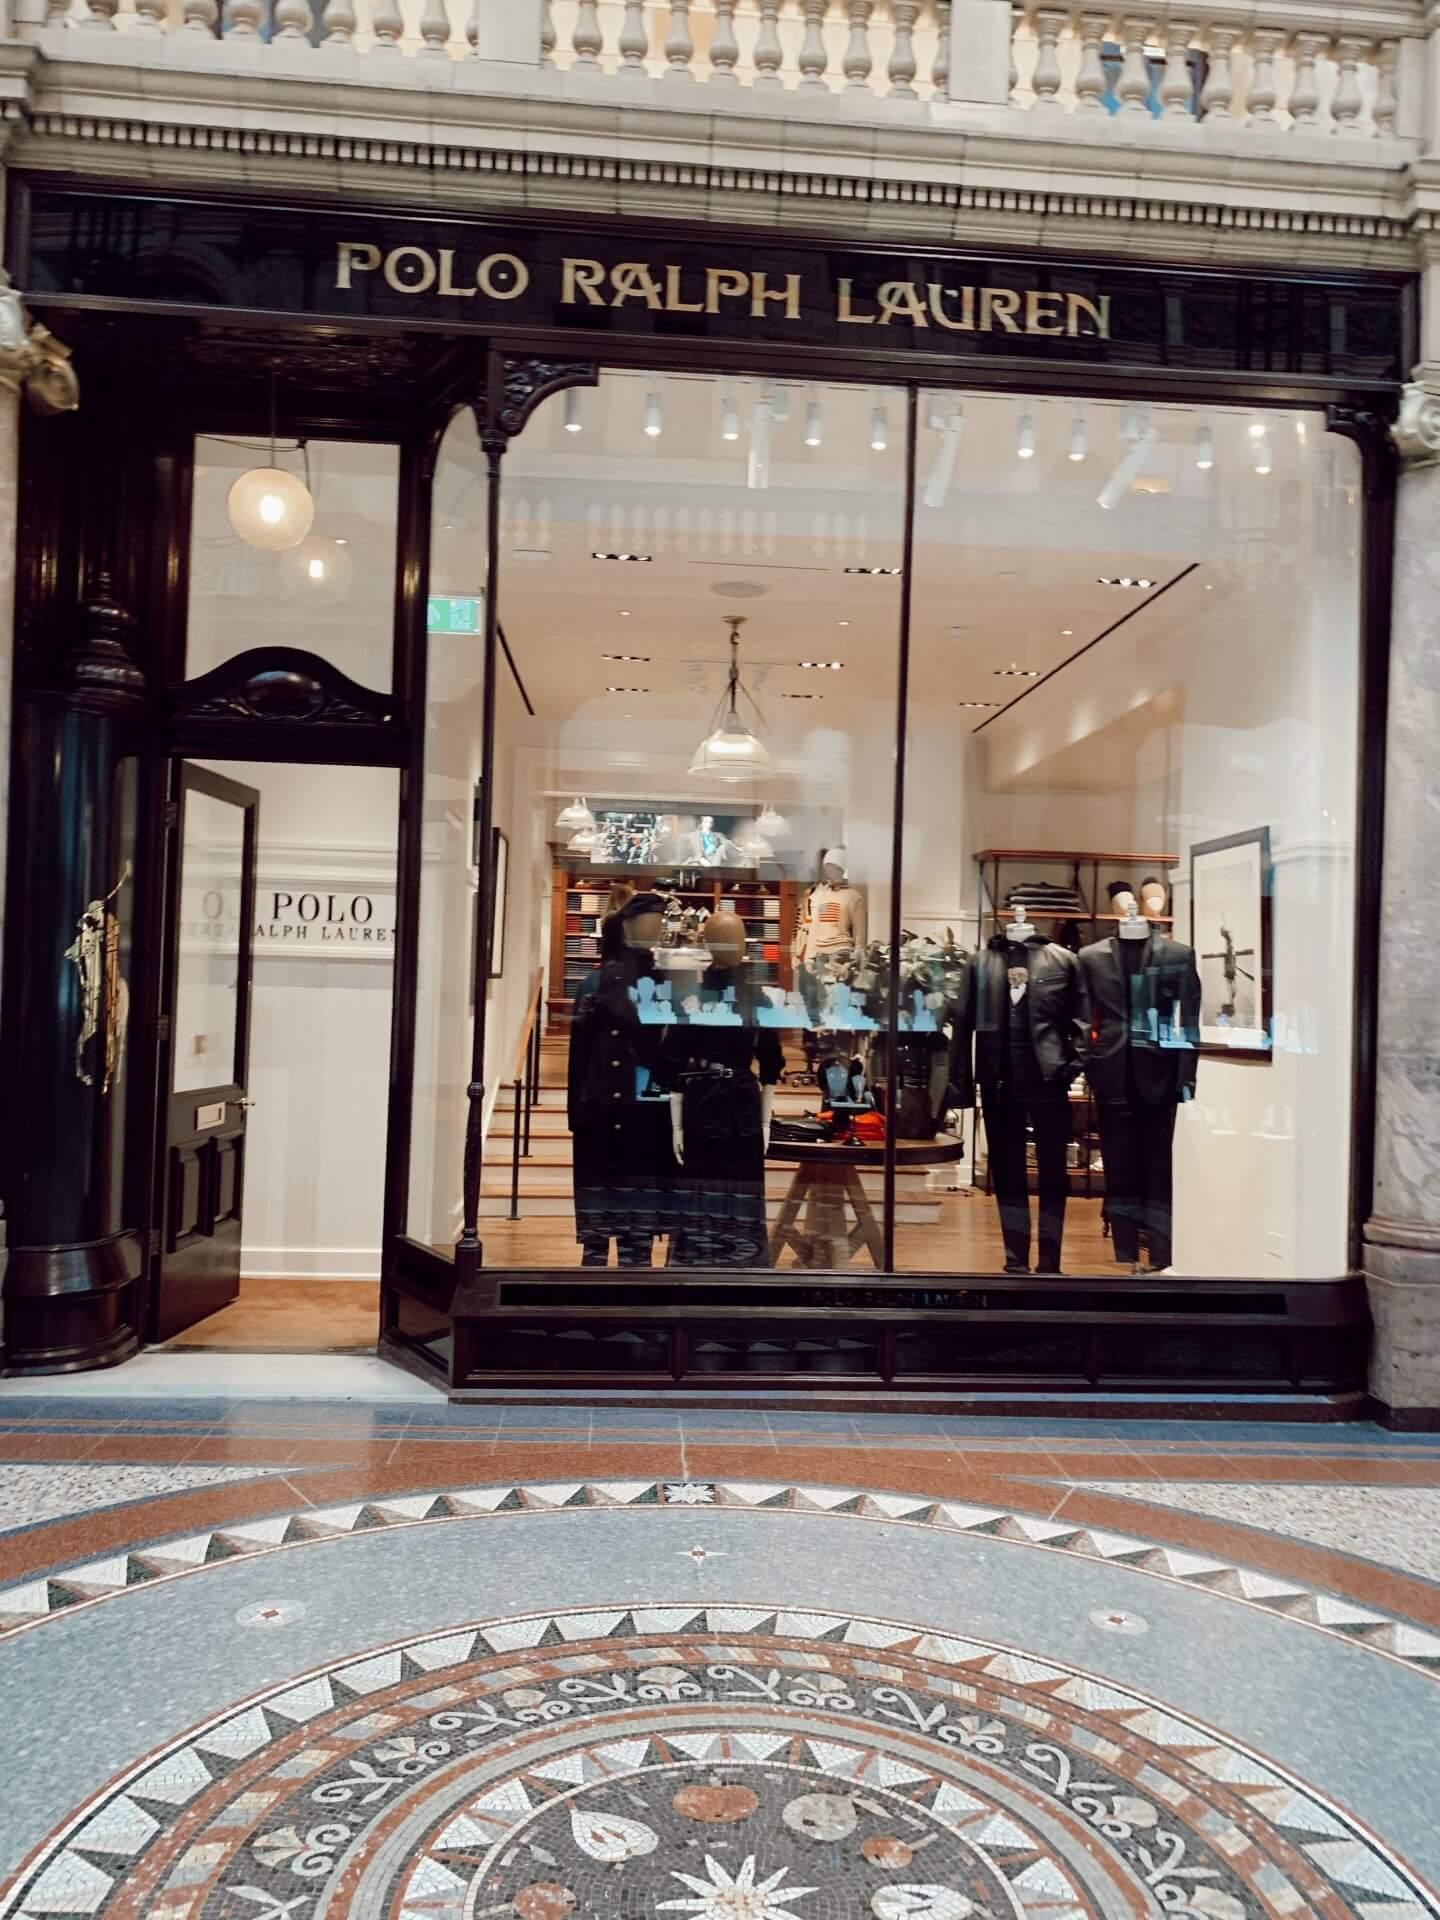 Polo Ralph Lauren Leeds